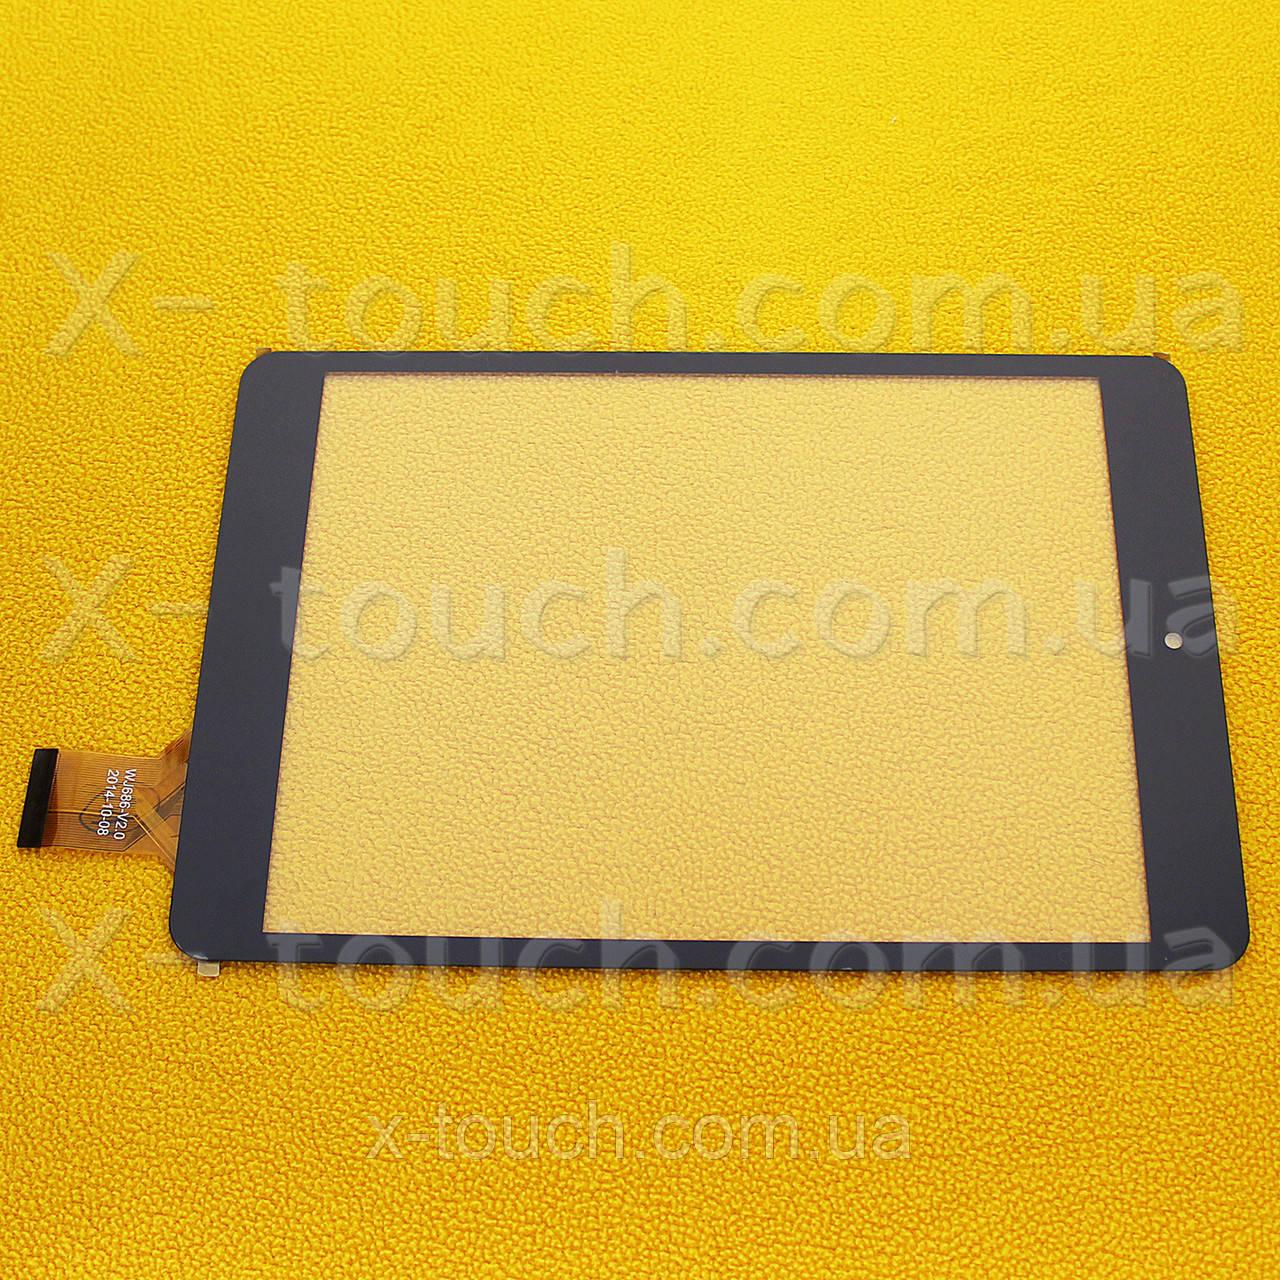 Тачскрин, сенсор TE-0800-0013 V3 для планшета